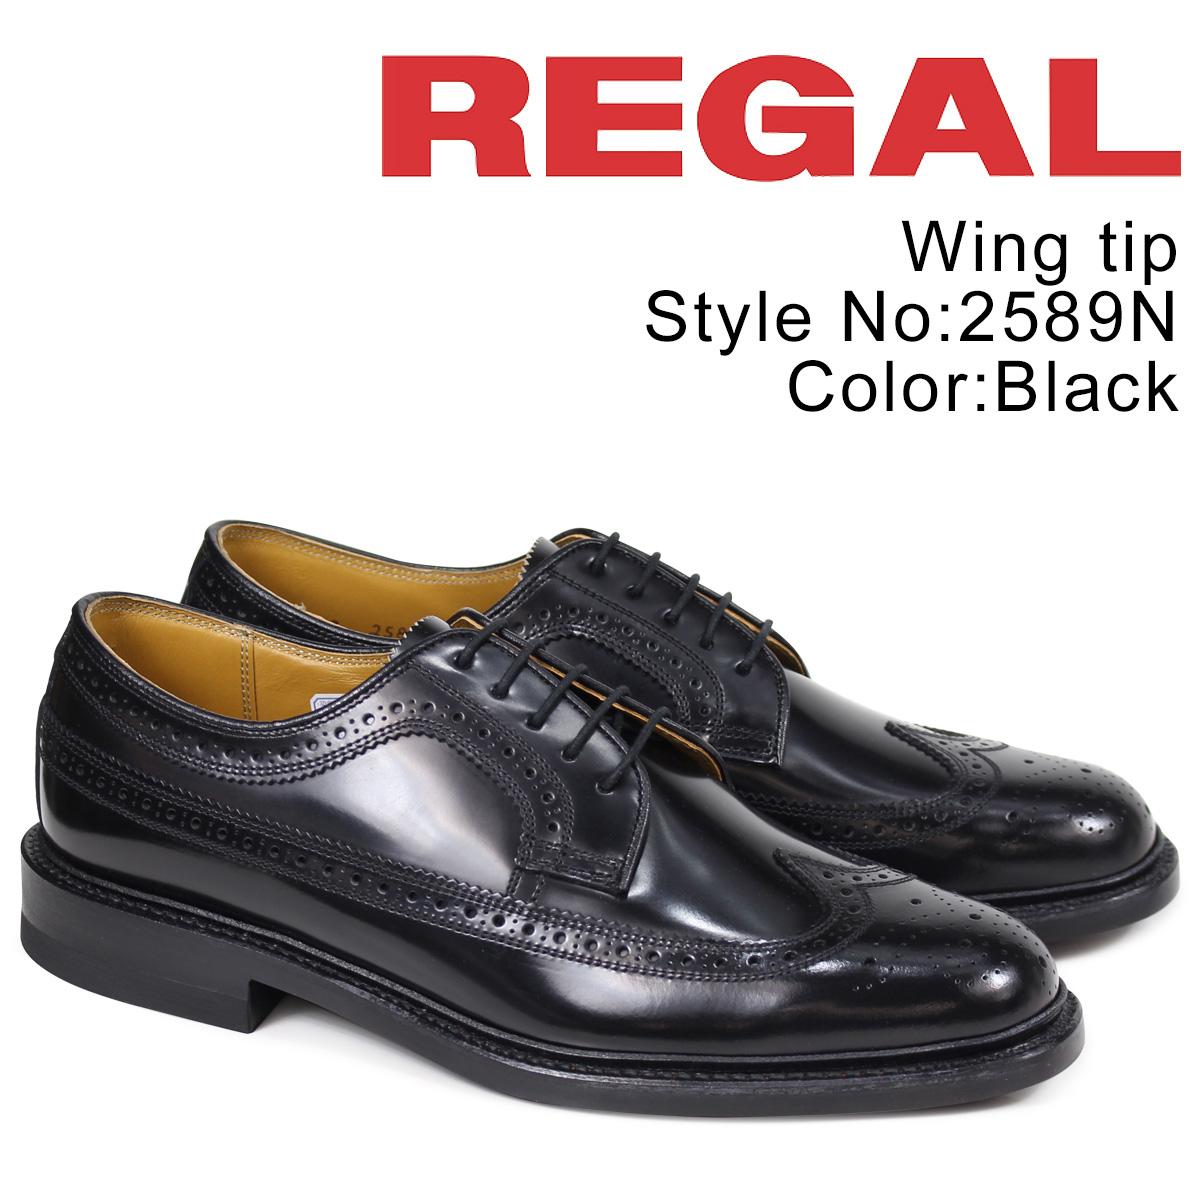 リーガル REGAL 靴 メンズ ウイングチップ ビジネスシューズ 日本製 ブラック 2589N